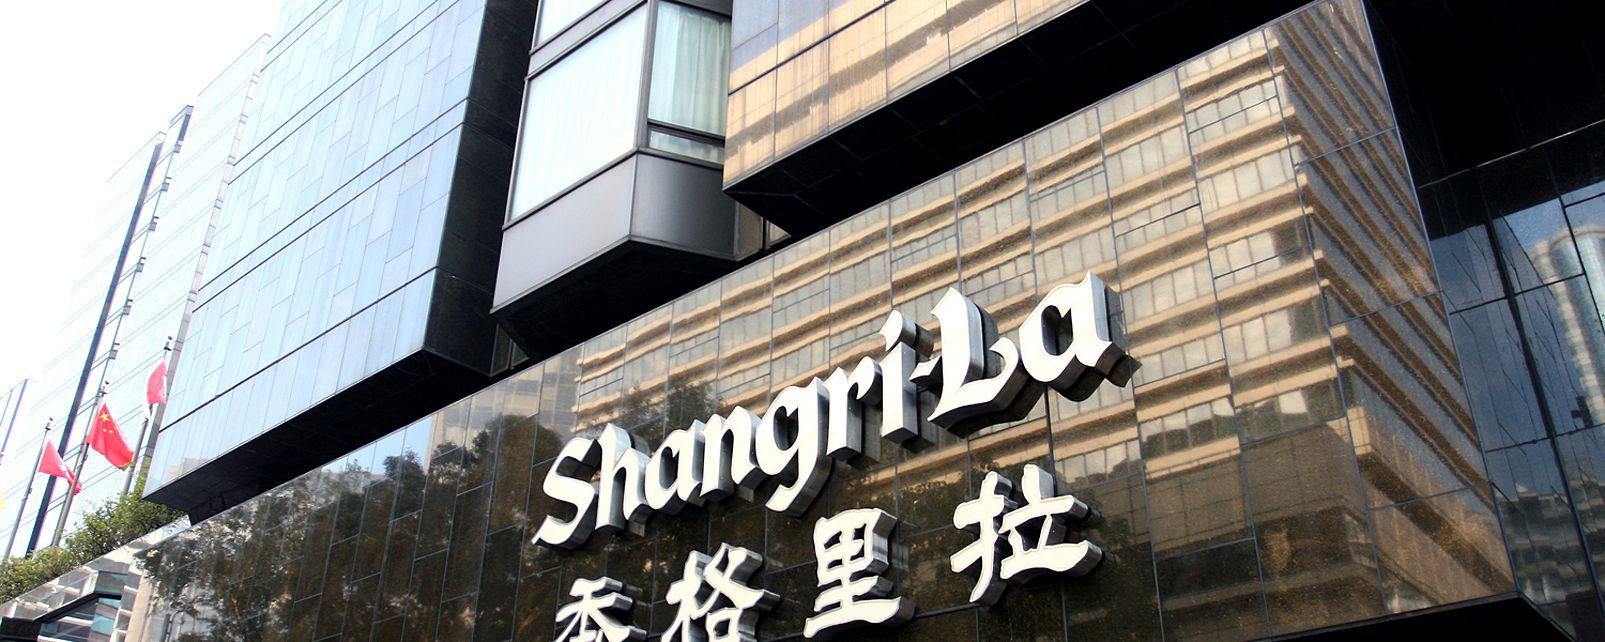 Hotel Kowloon Shangri-La